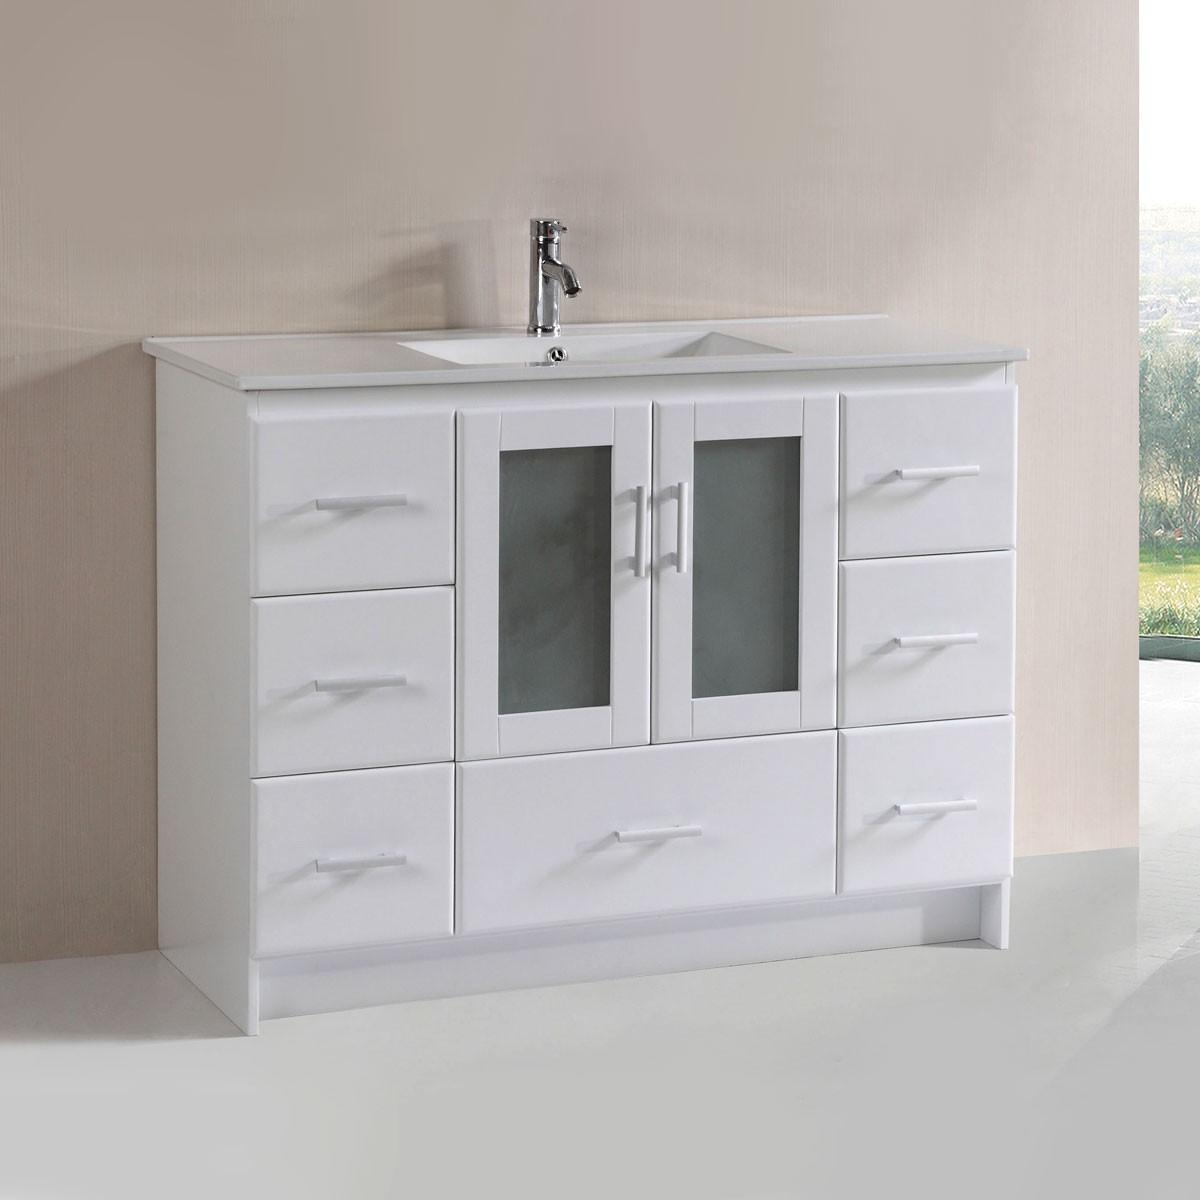 48 po Vanité en contreplaqué avec lavabo (DK-T9312-48WV)